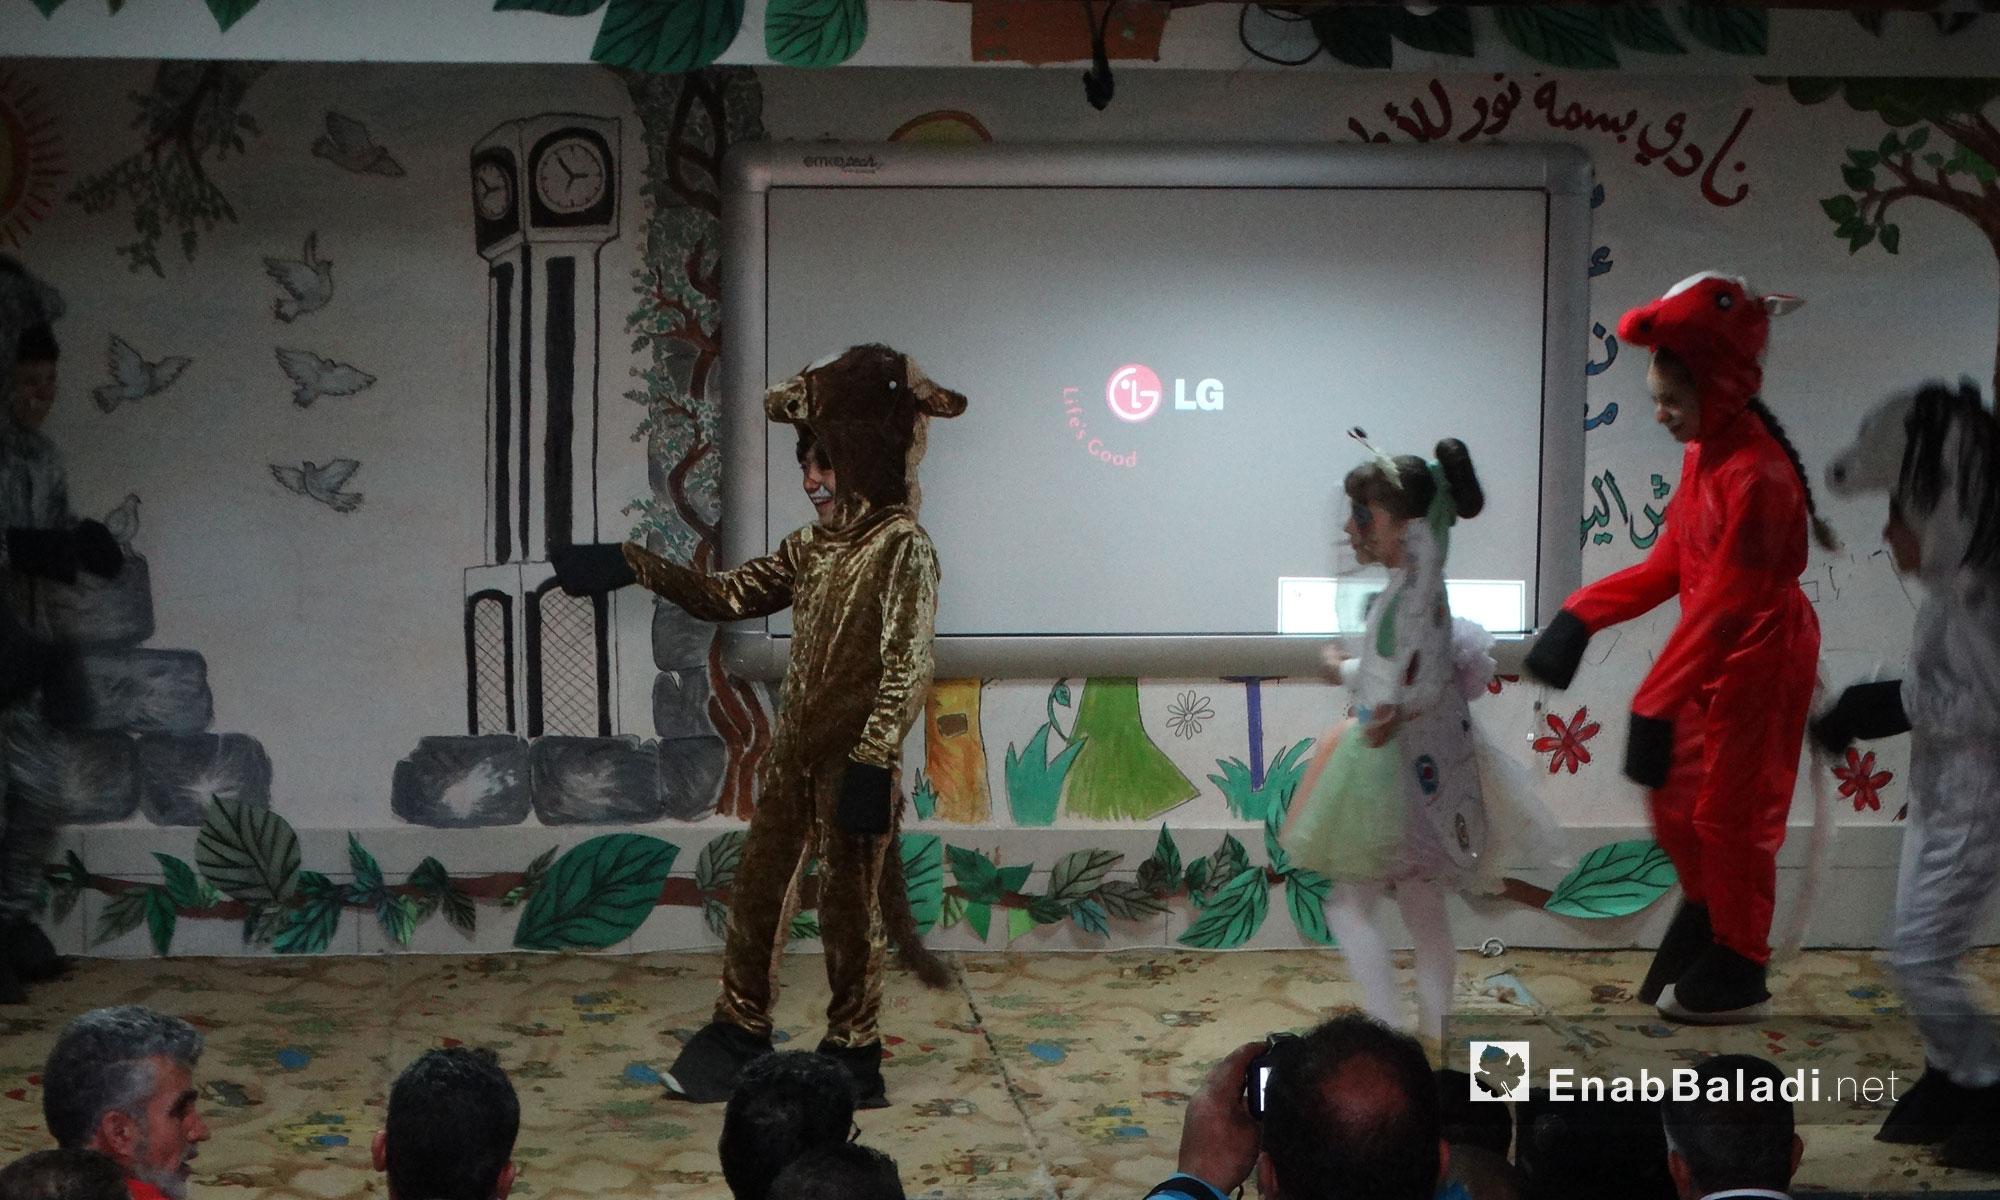 الحفل الترفيهي لنادي بسمة نور في حي الوعر بحمص - السبت 12 تشرين الثاني (عنب بلدي)